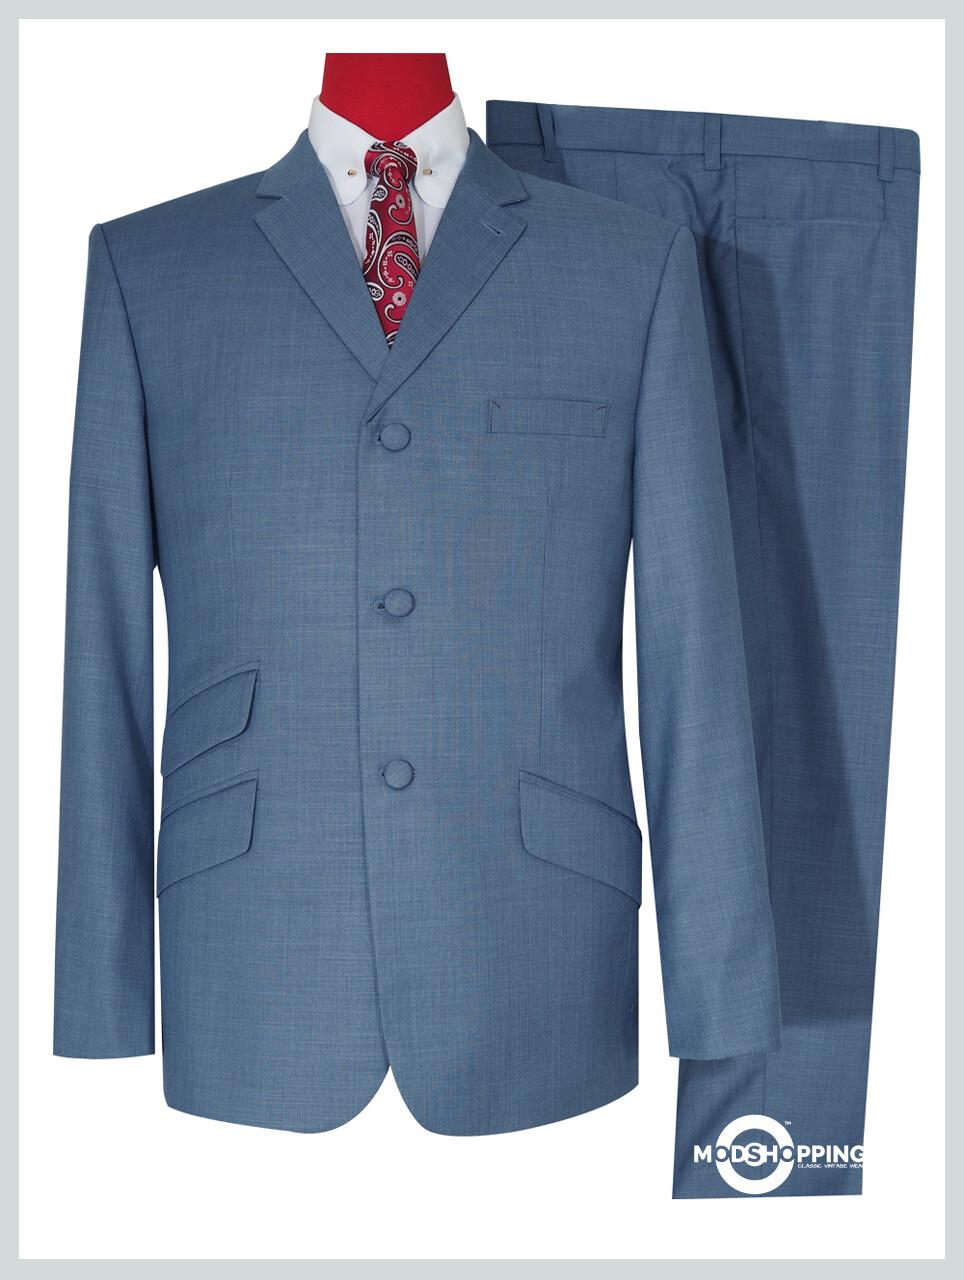 Pale Blue 60s Mod Style Tailored Vintage Suit